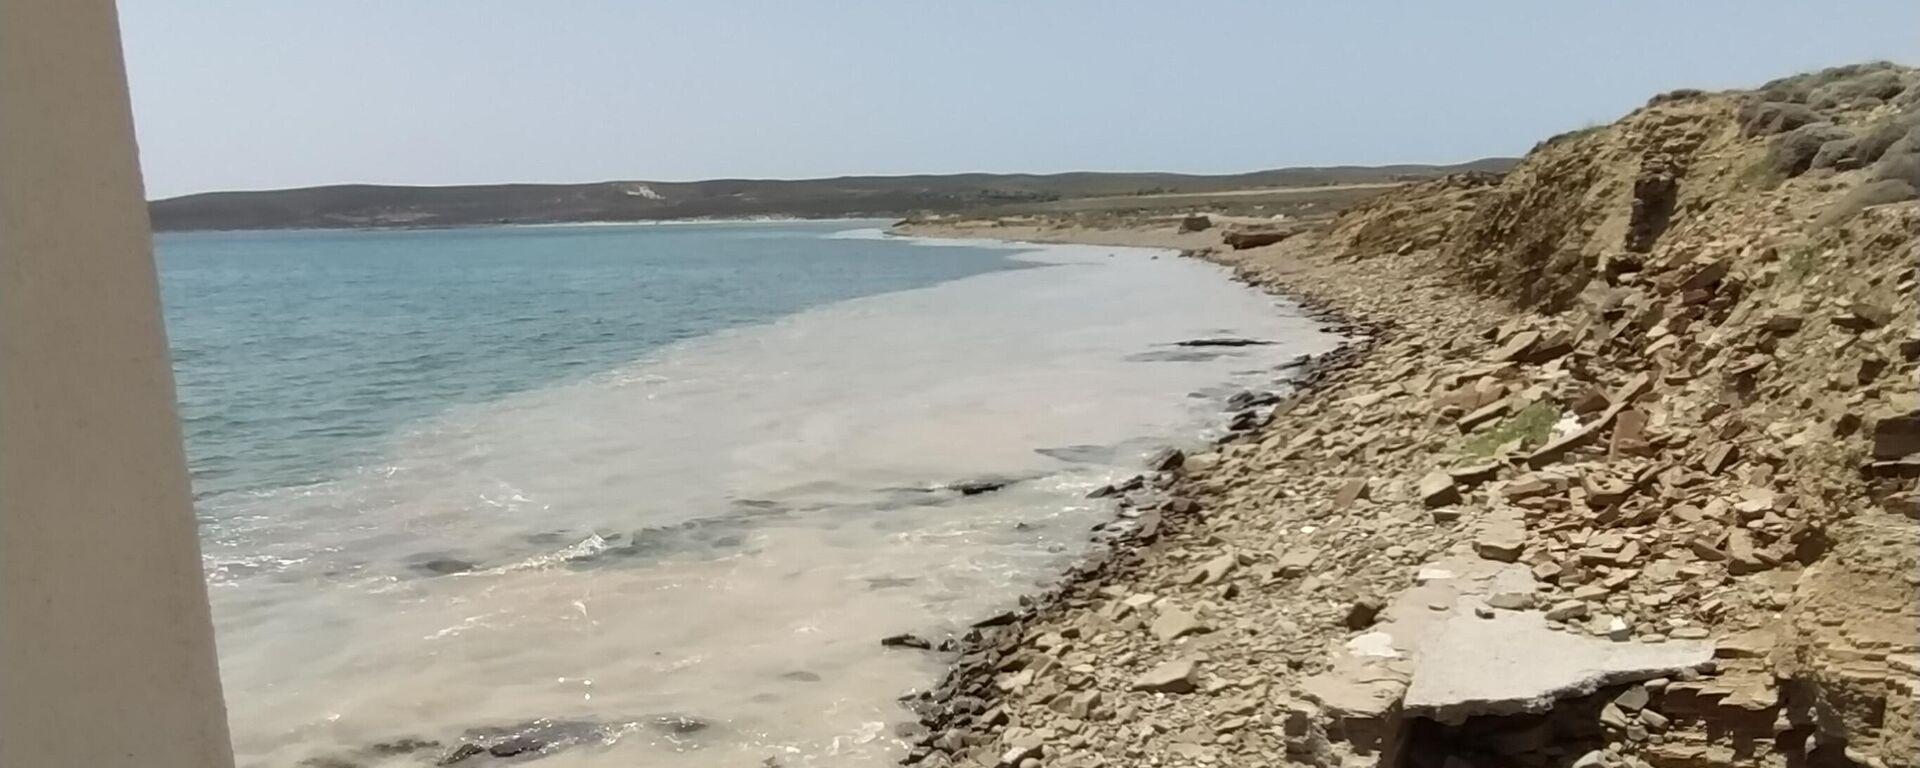 Στις ακτές της Ίμβρου η βλέννα από τη θάλασσα του Μαρμαρά - Sputnik Ελλάδα, 1920, 25.06.2021